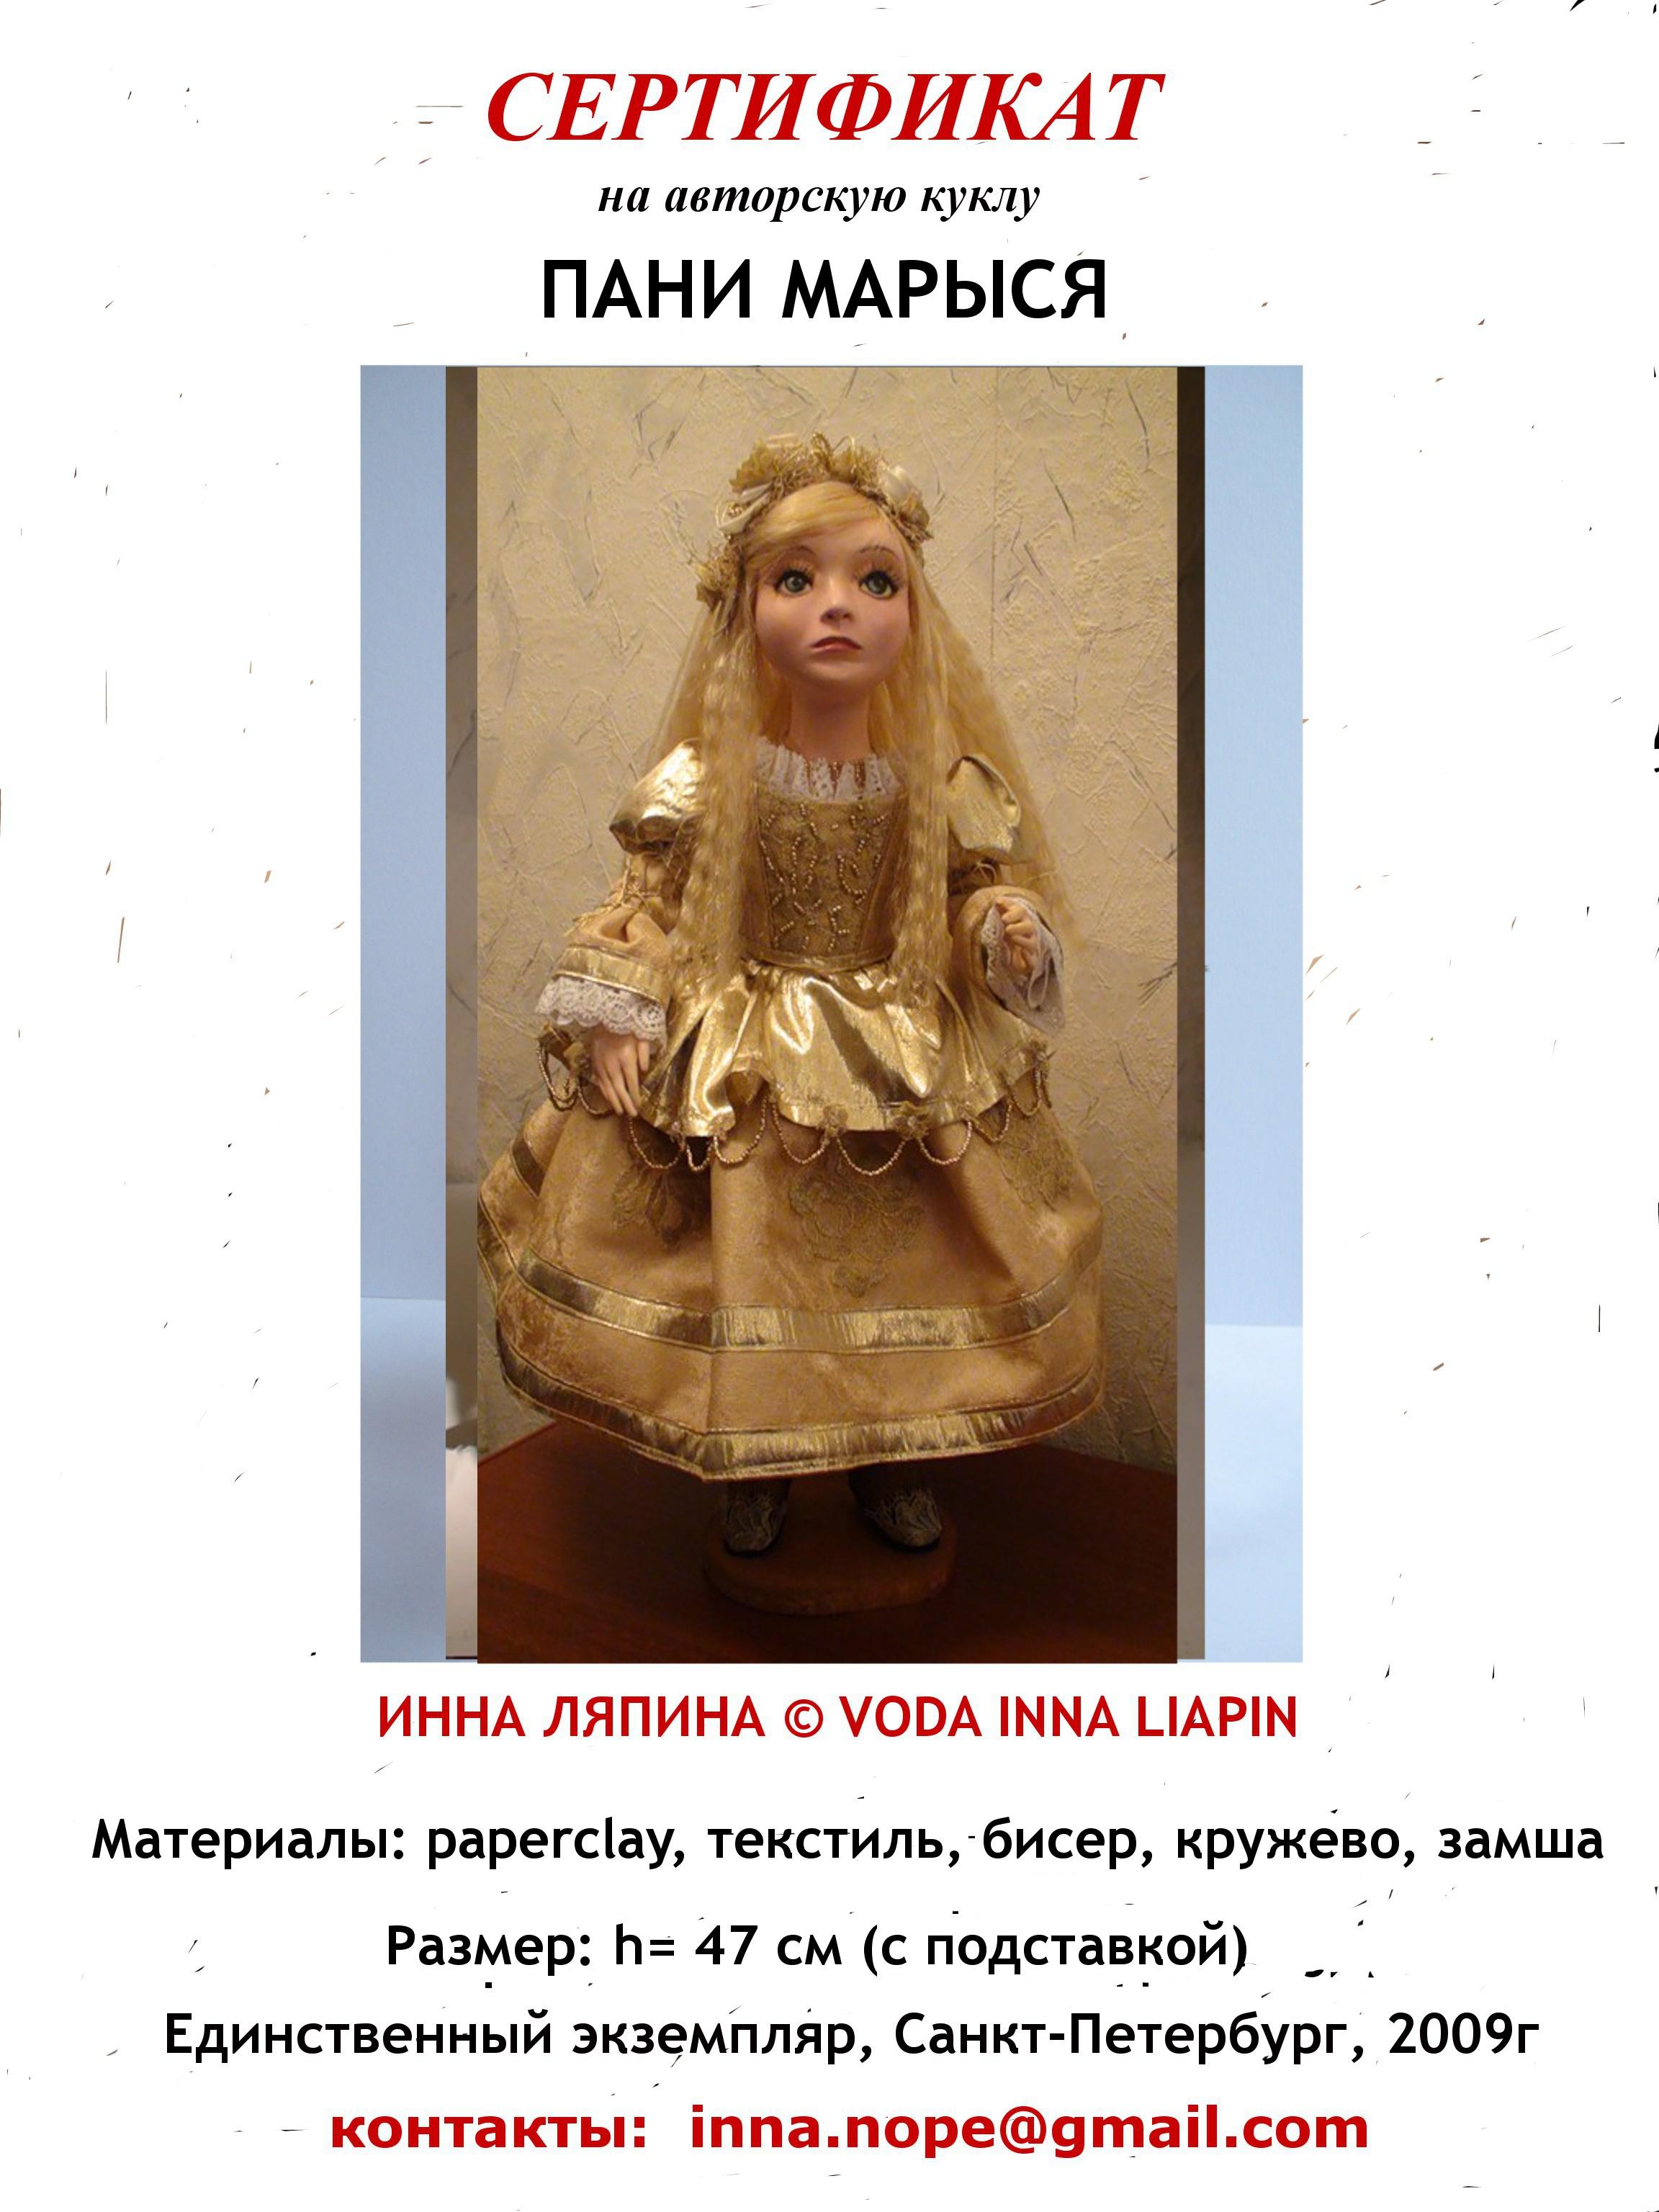 Как сделать диплом для кукол